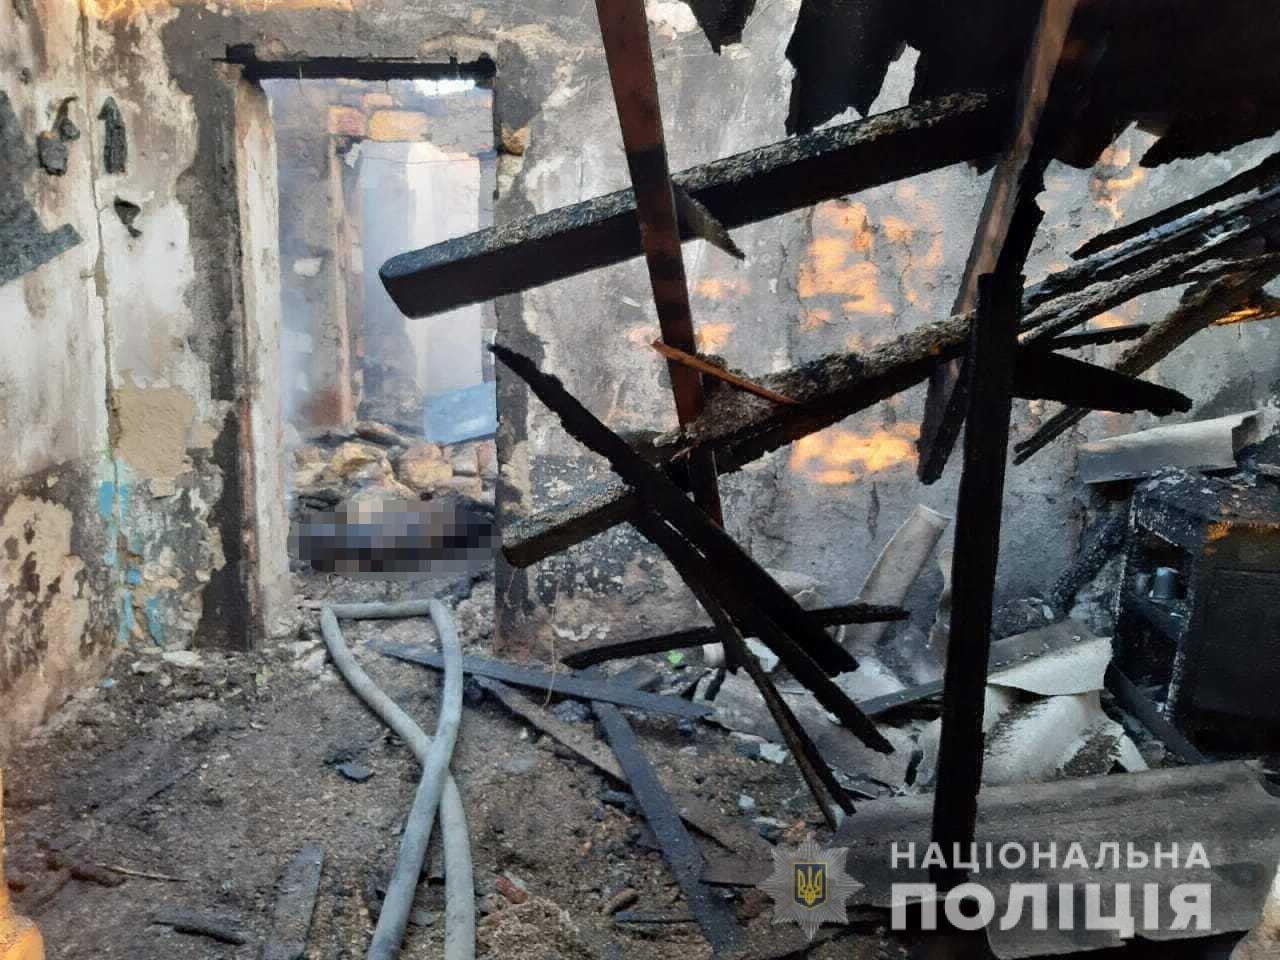 Двое людей сгорело в пожаре в Одесской области, - ФОТО, фото-1